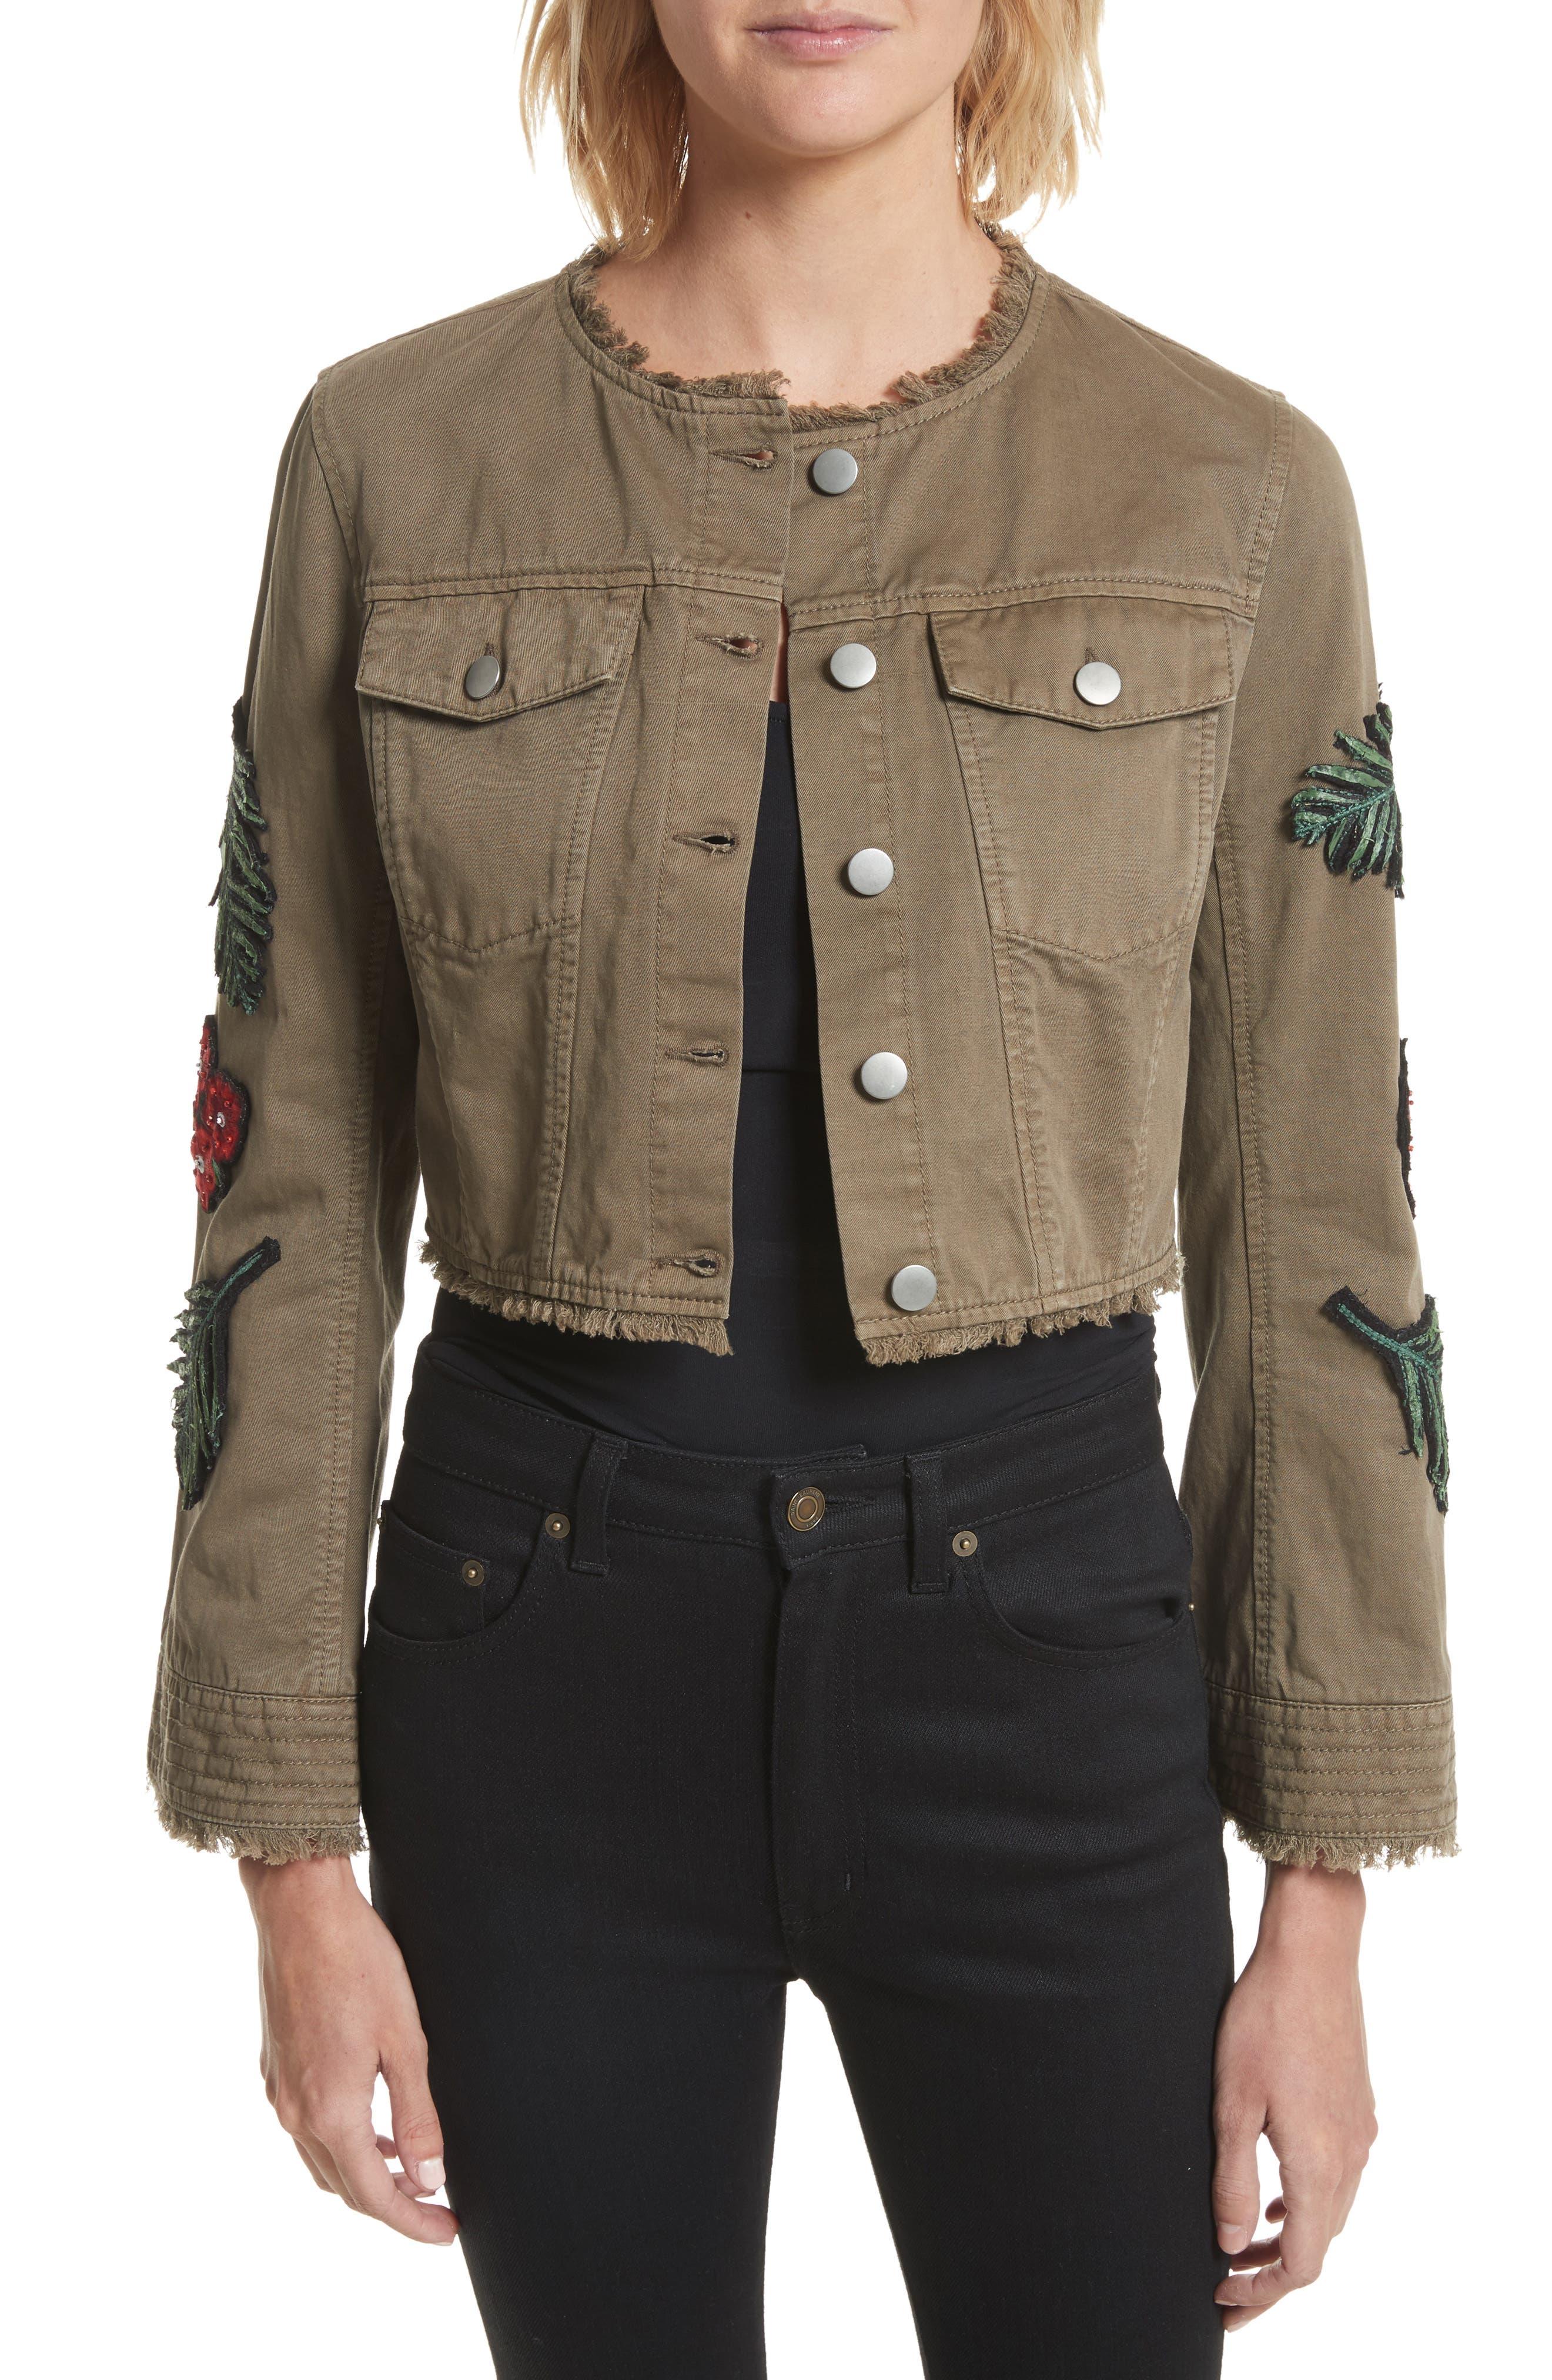 Cinq à Sept Halina Embellished Crop Jacket